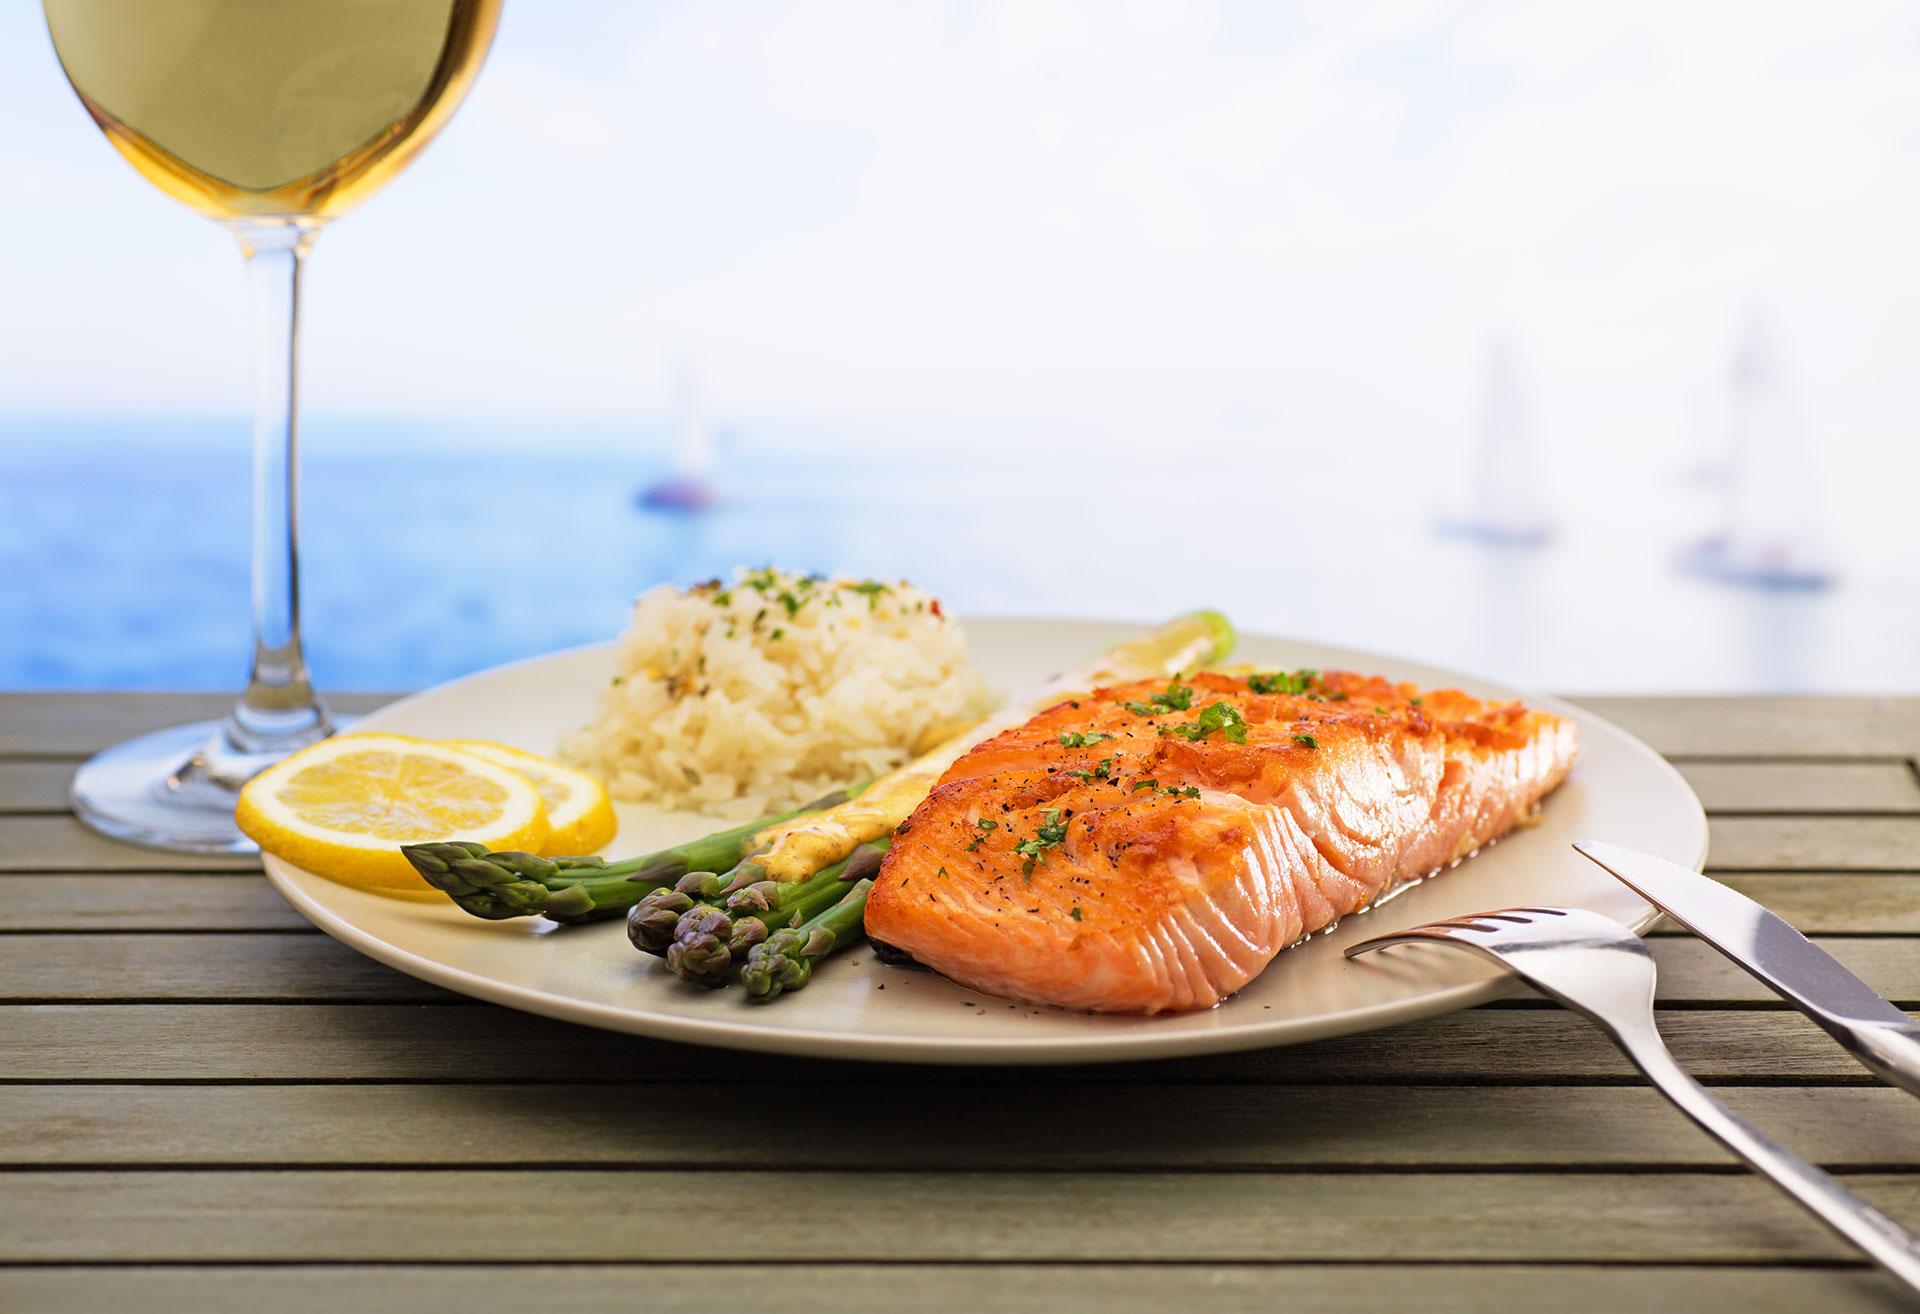 Los platos elaborados con pescados y mariscos son los elegidos de la temporada (Getty Images)